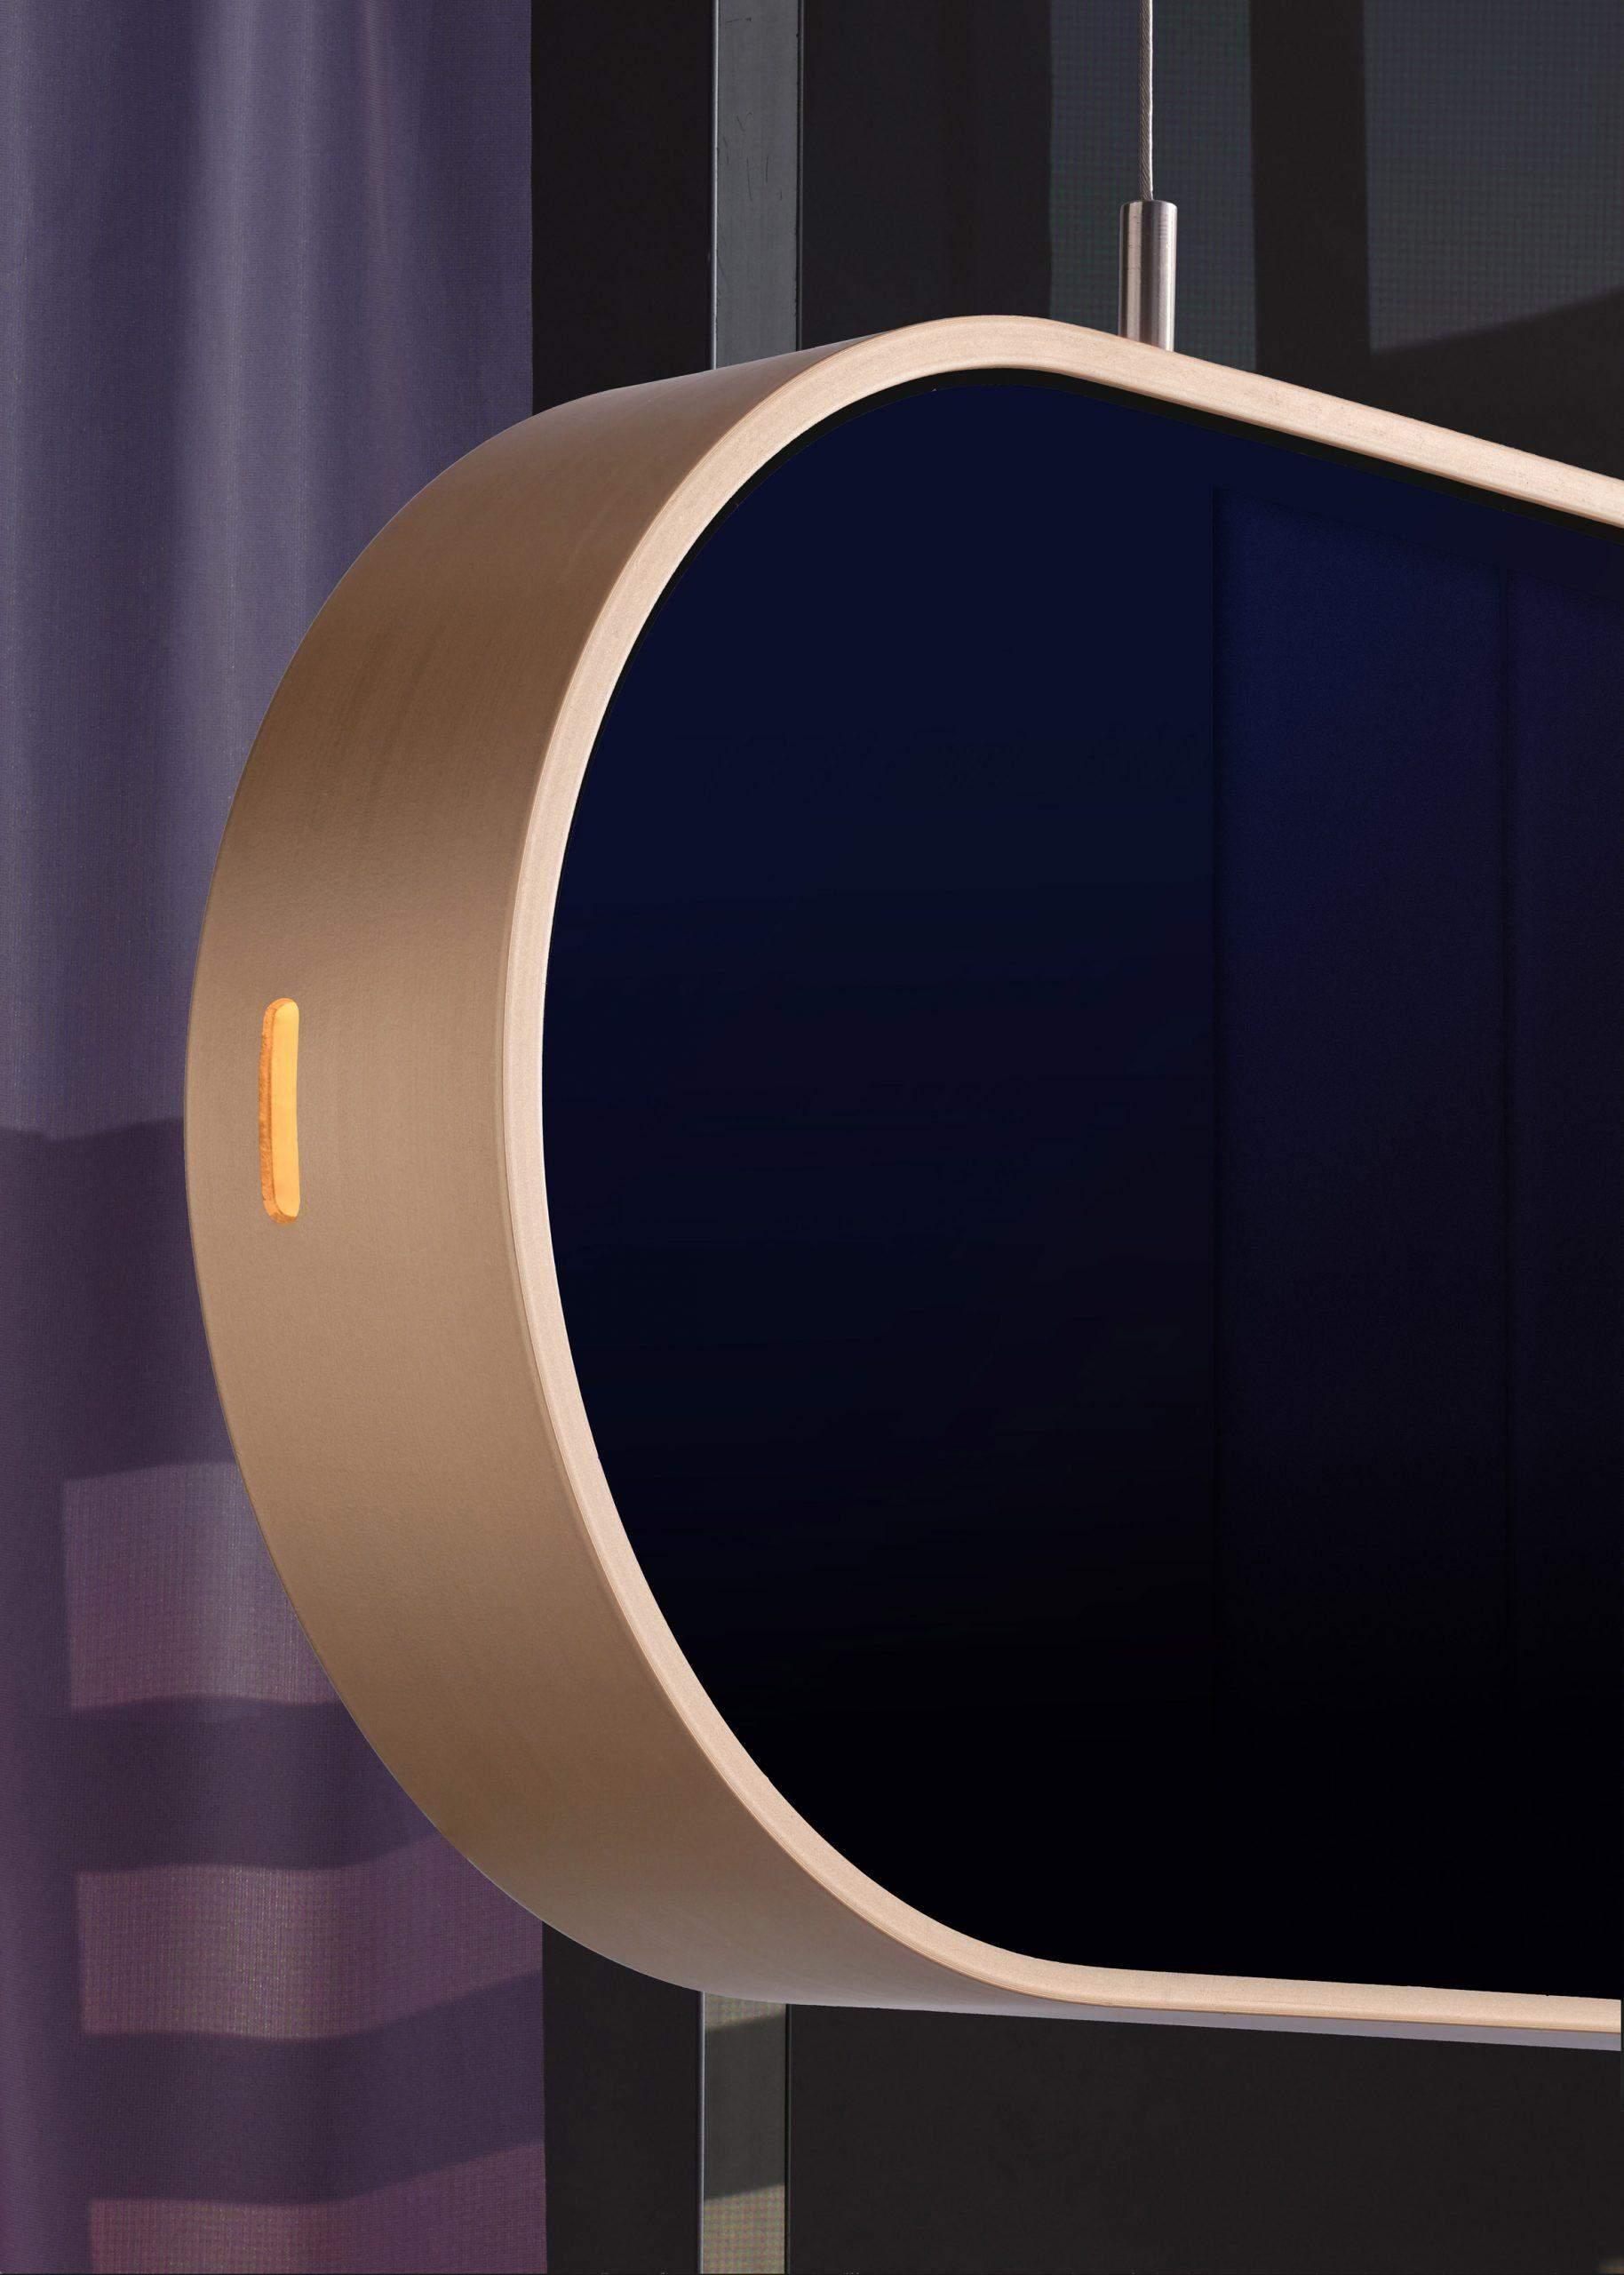 Міняти режими можна за допомогою сенсорів на алюмінієвій рамі